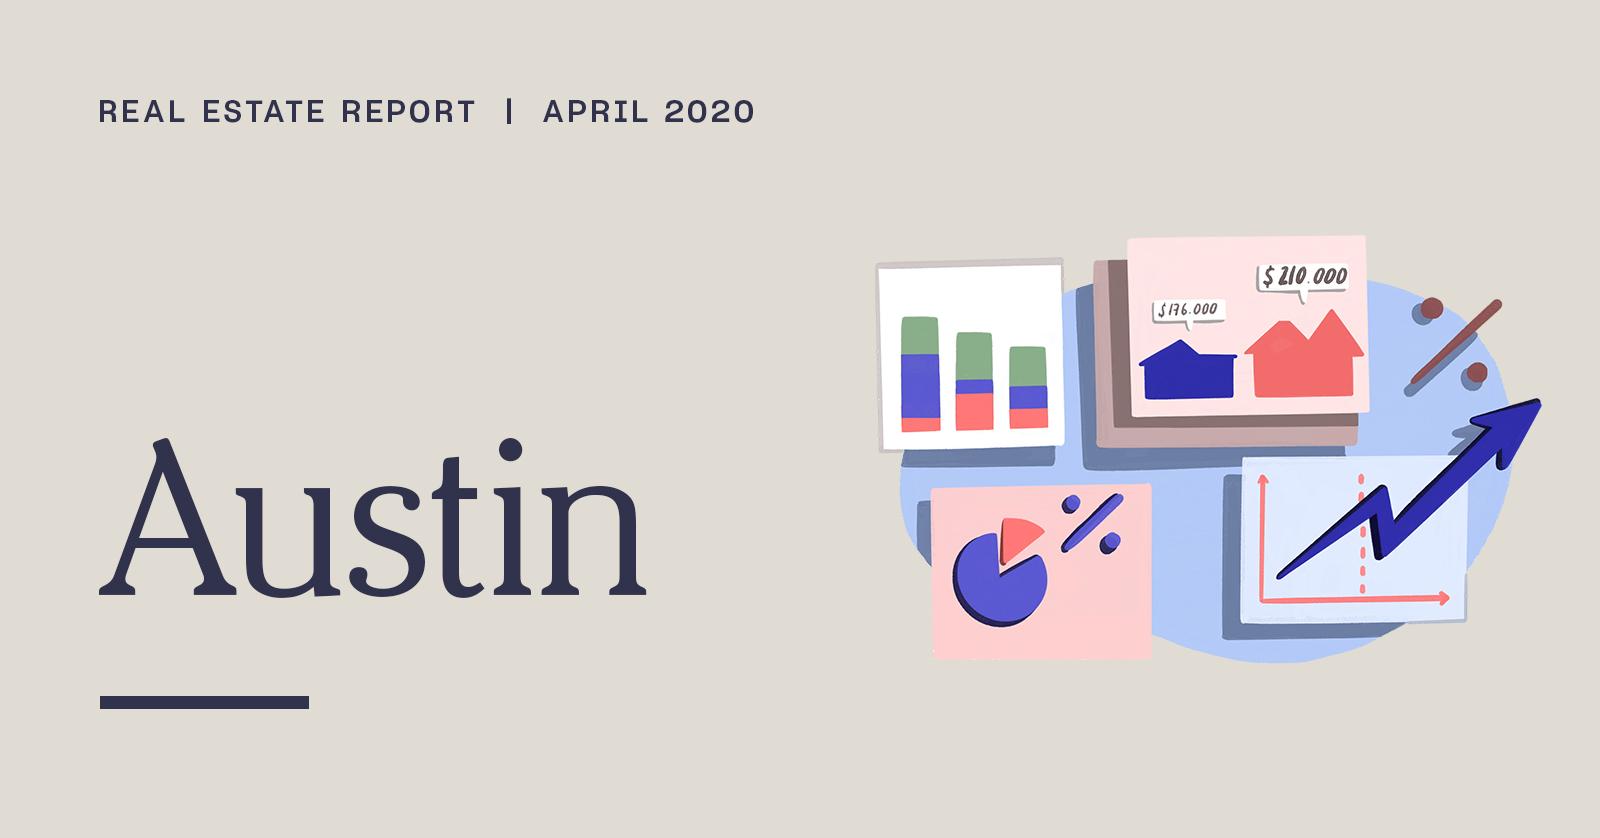 Austin Real Estate Report | April 2020